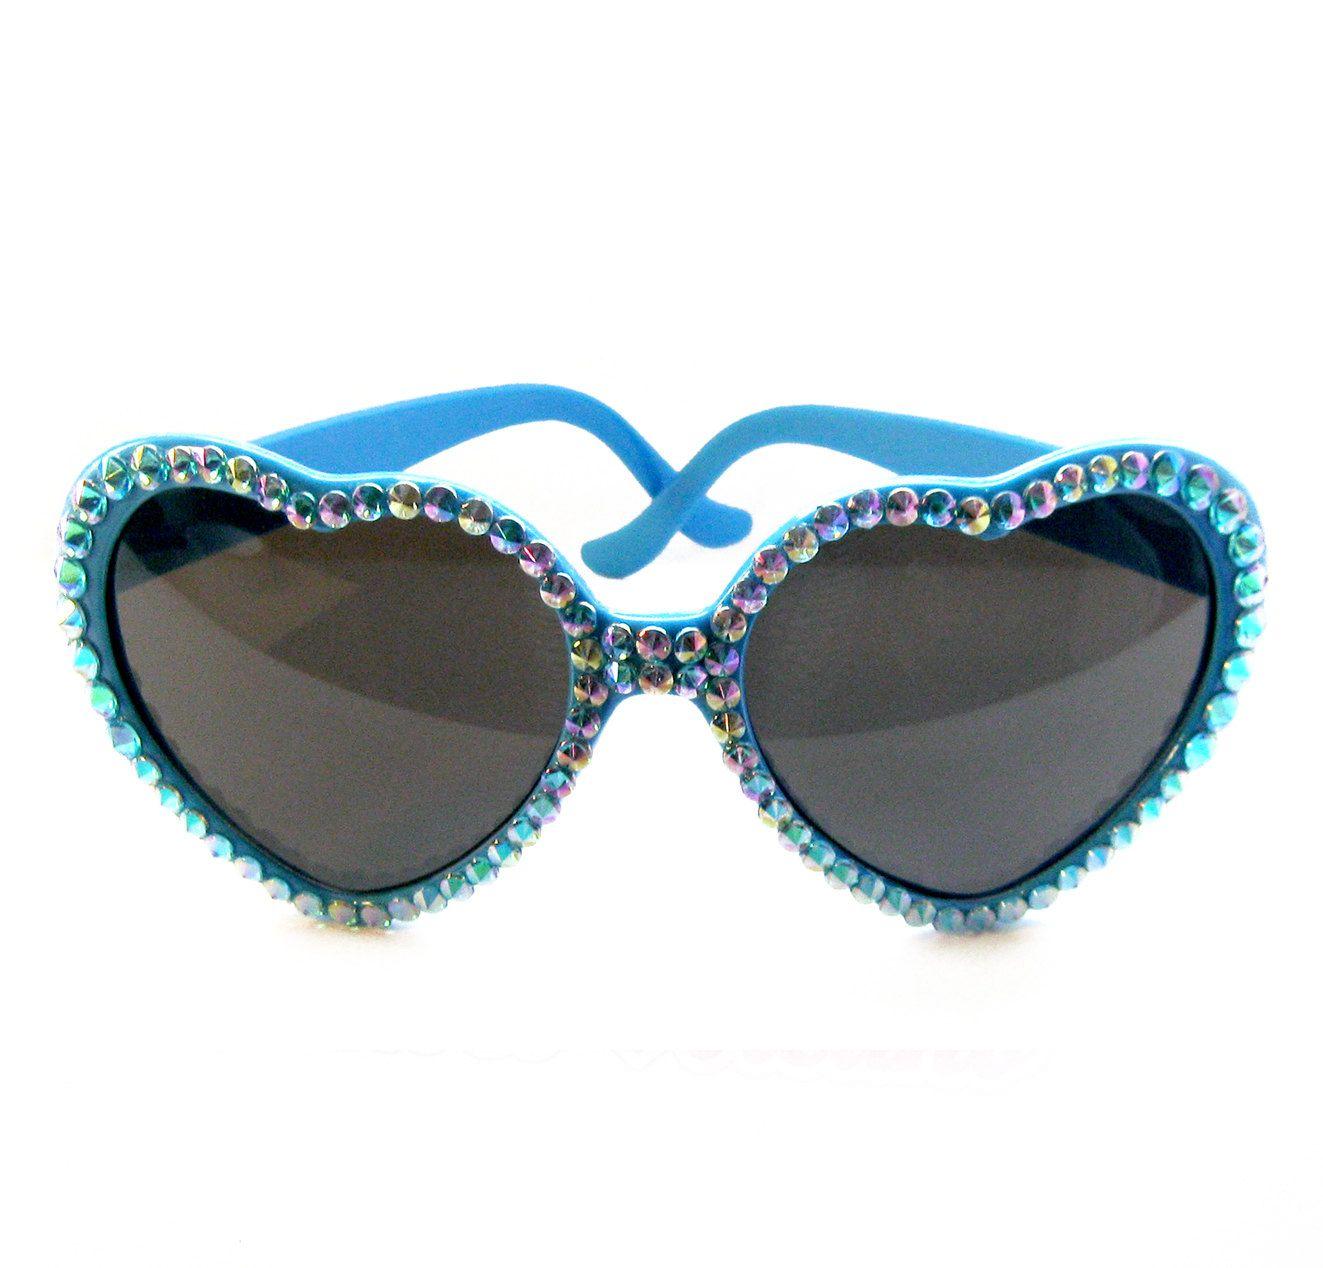 04d9beff5a CITRUS  Orange Heart Shaped Sunglasses by VelvetVolcano - 2 ...